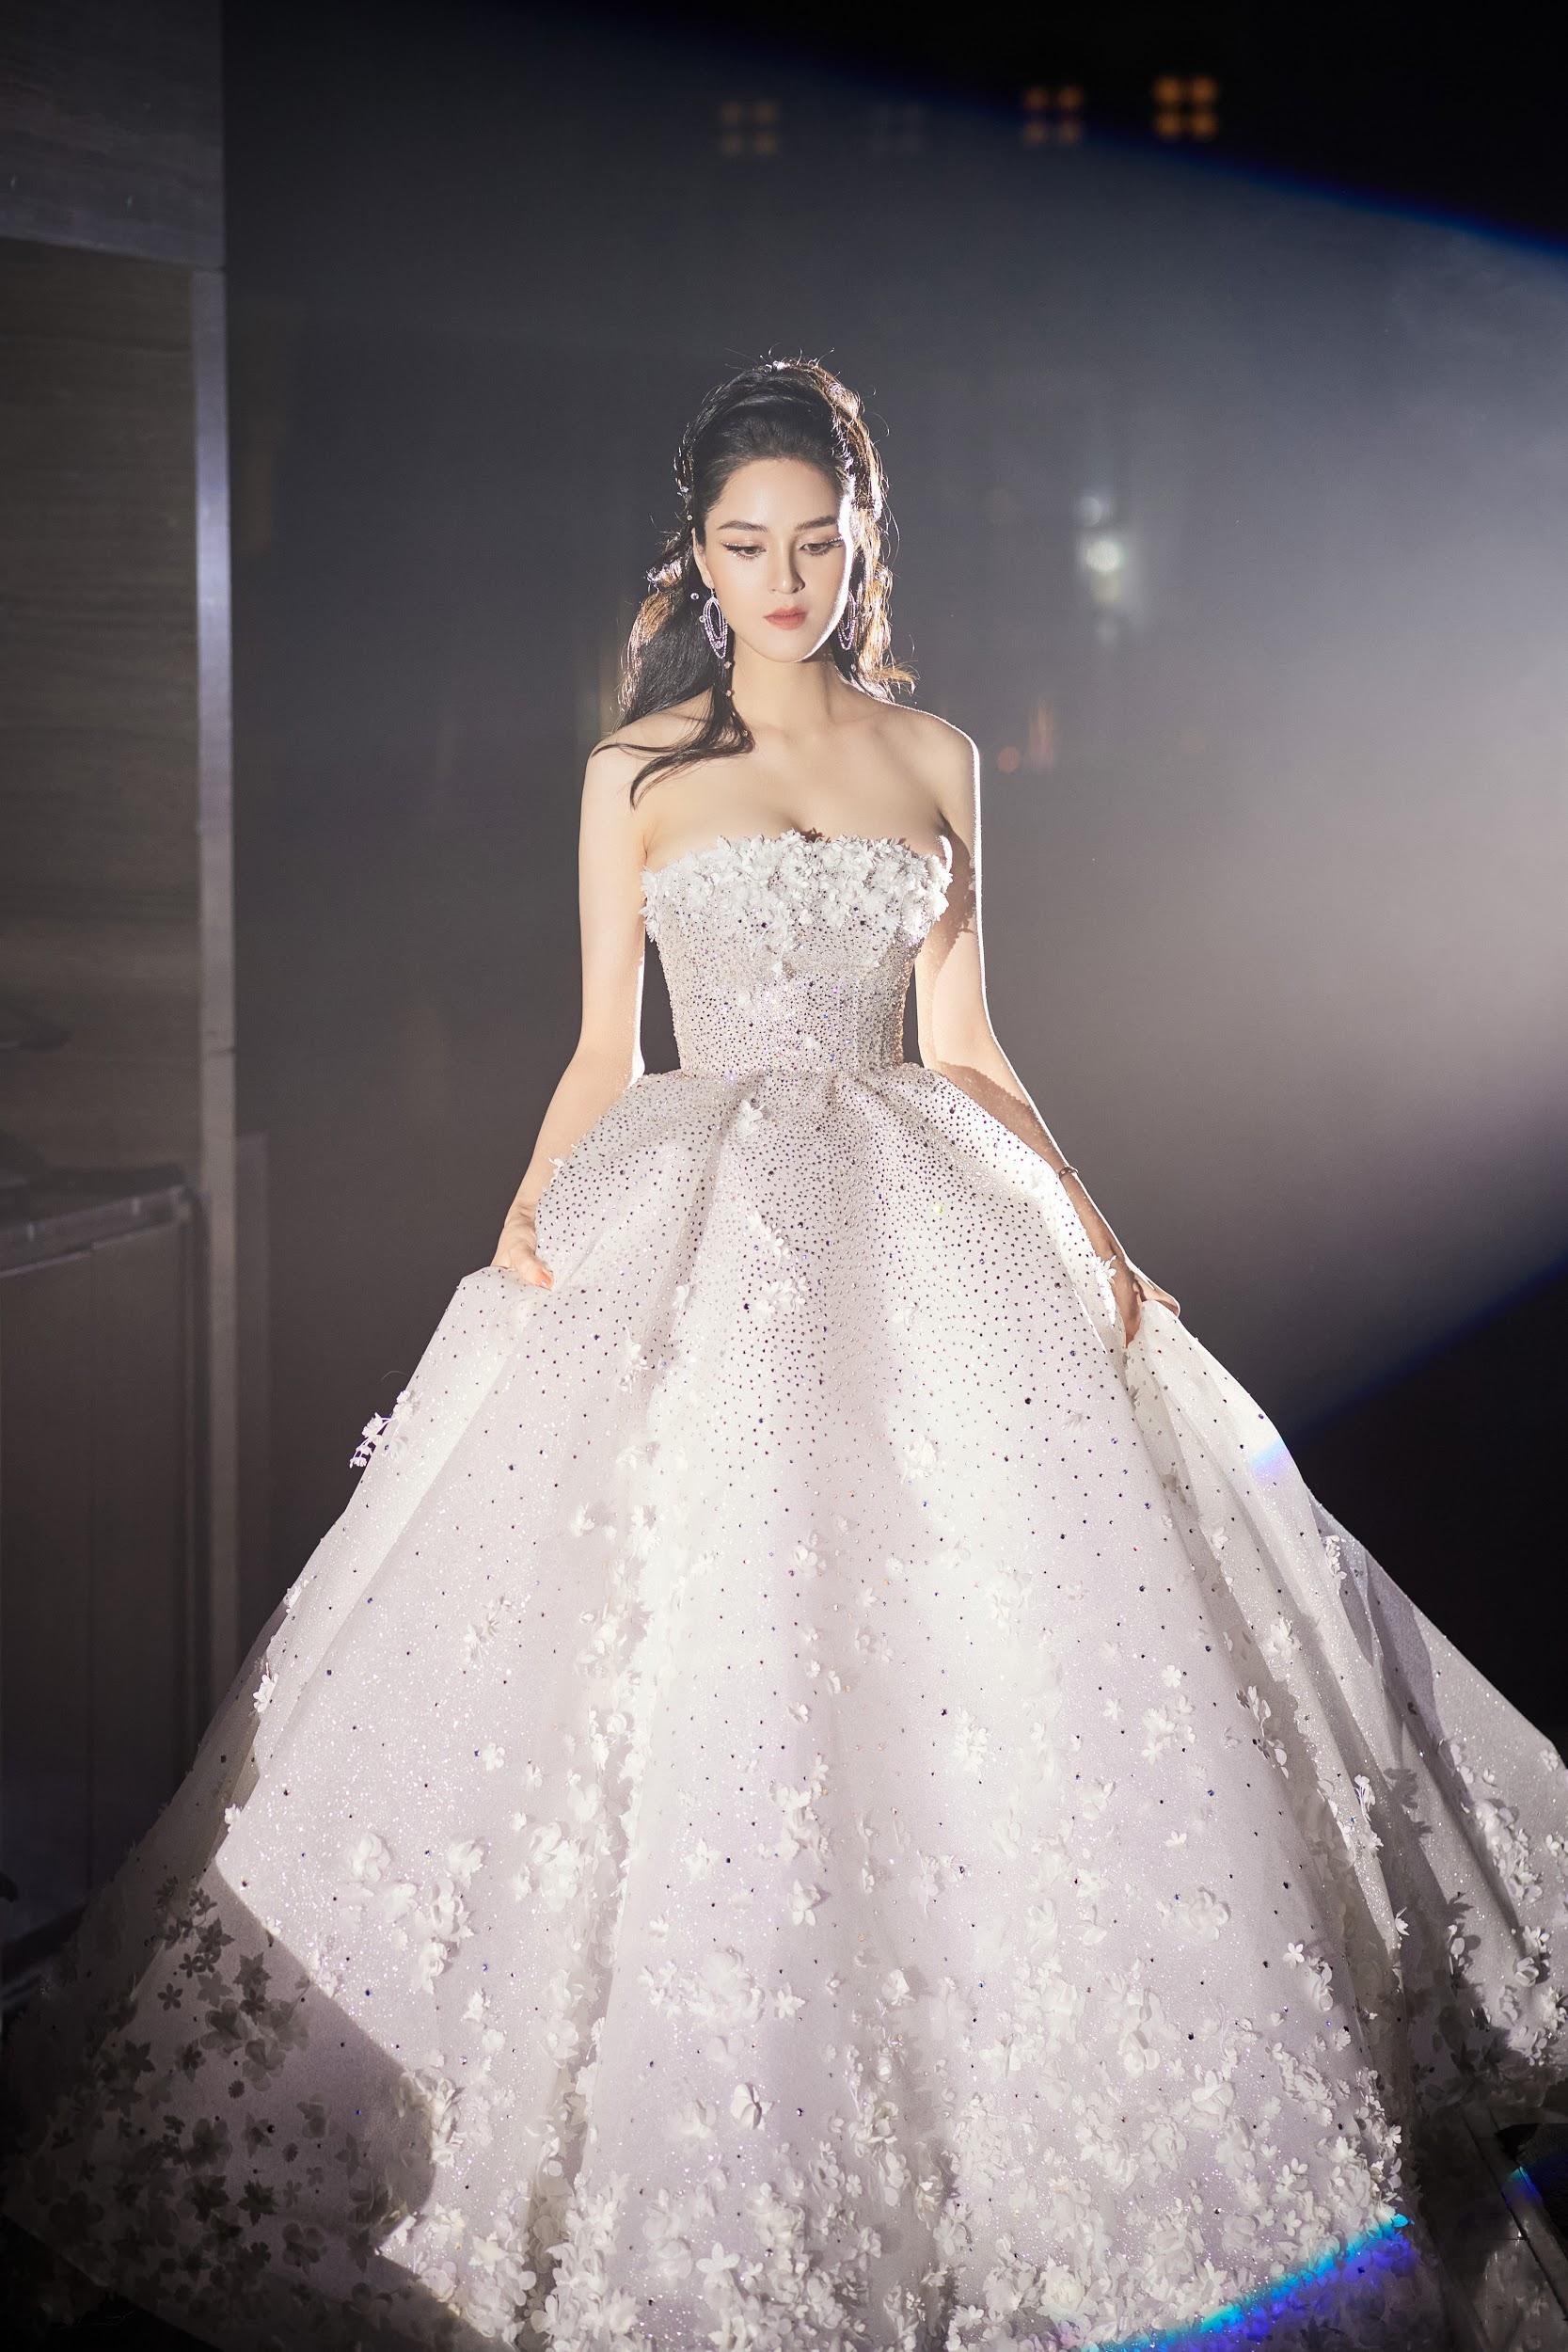 Lecia Bridal ra mắt dòng váy Luxury đính hàng trăm ngàn viên pha lê Swarovski - Ảnh 2.